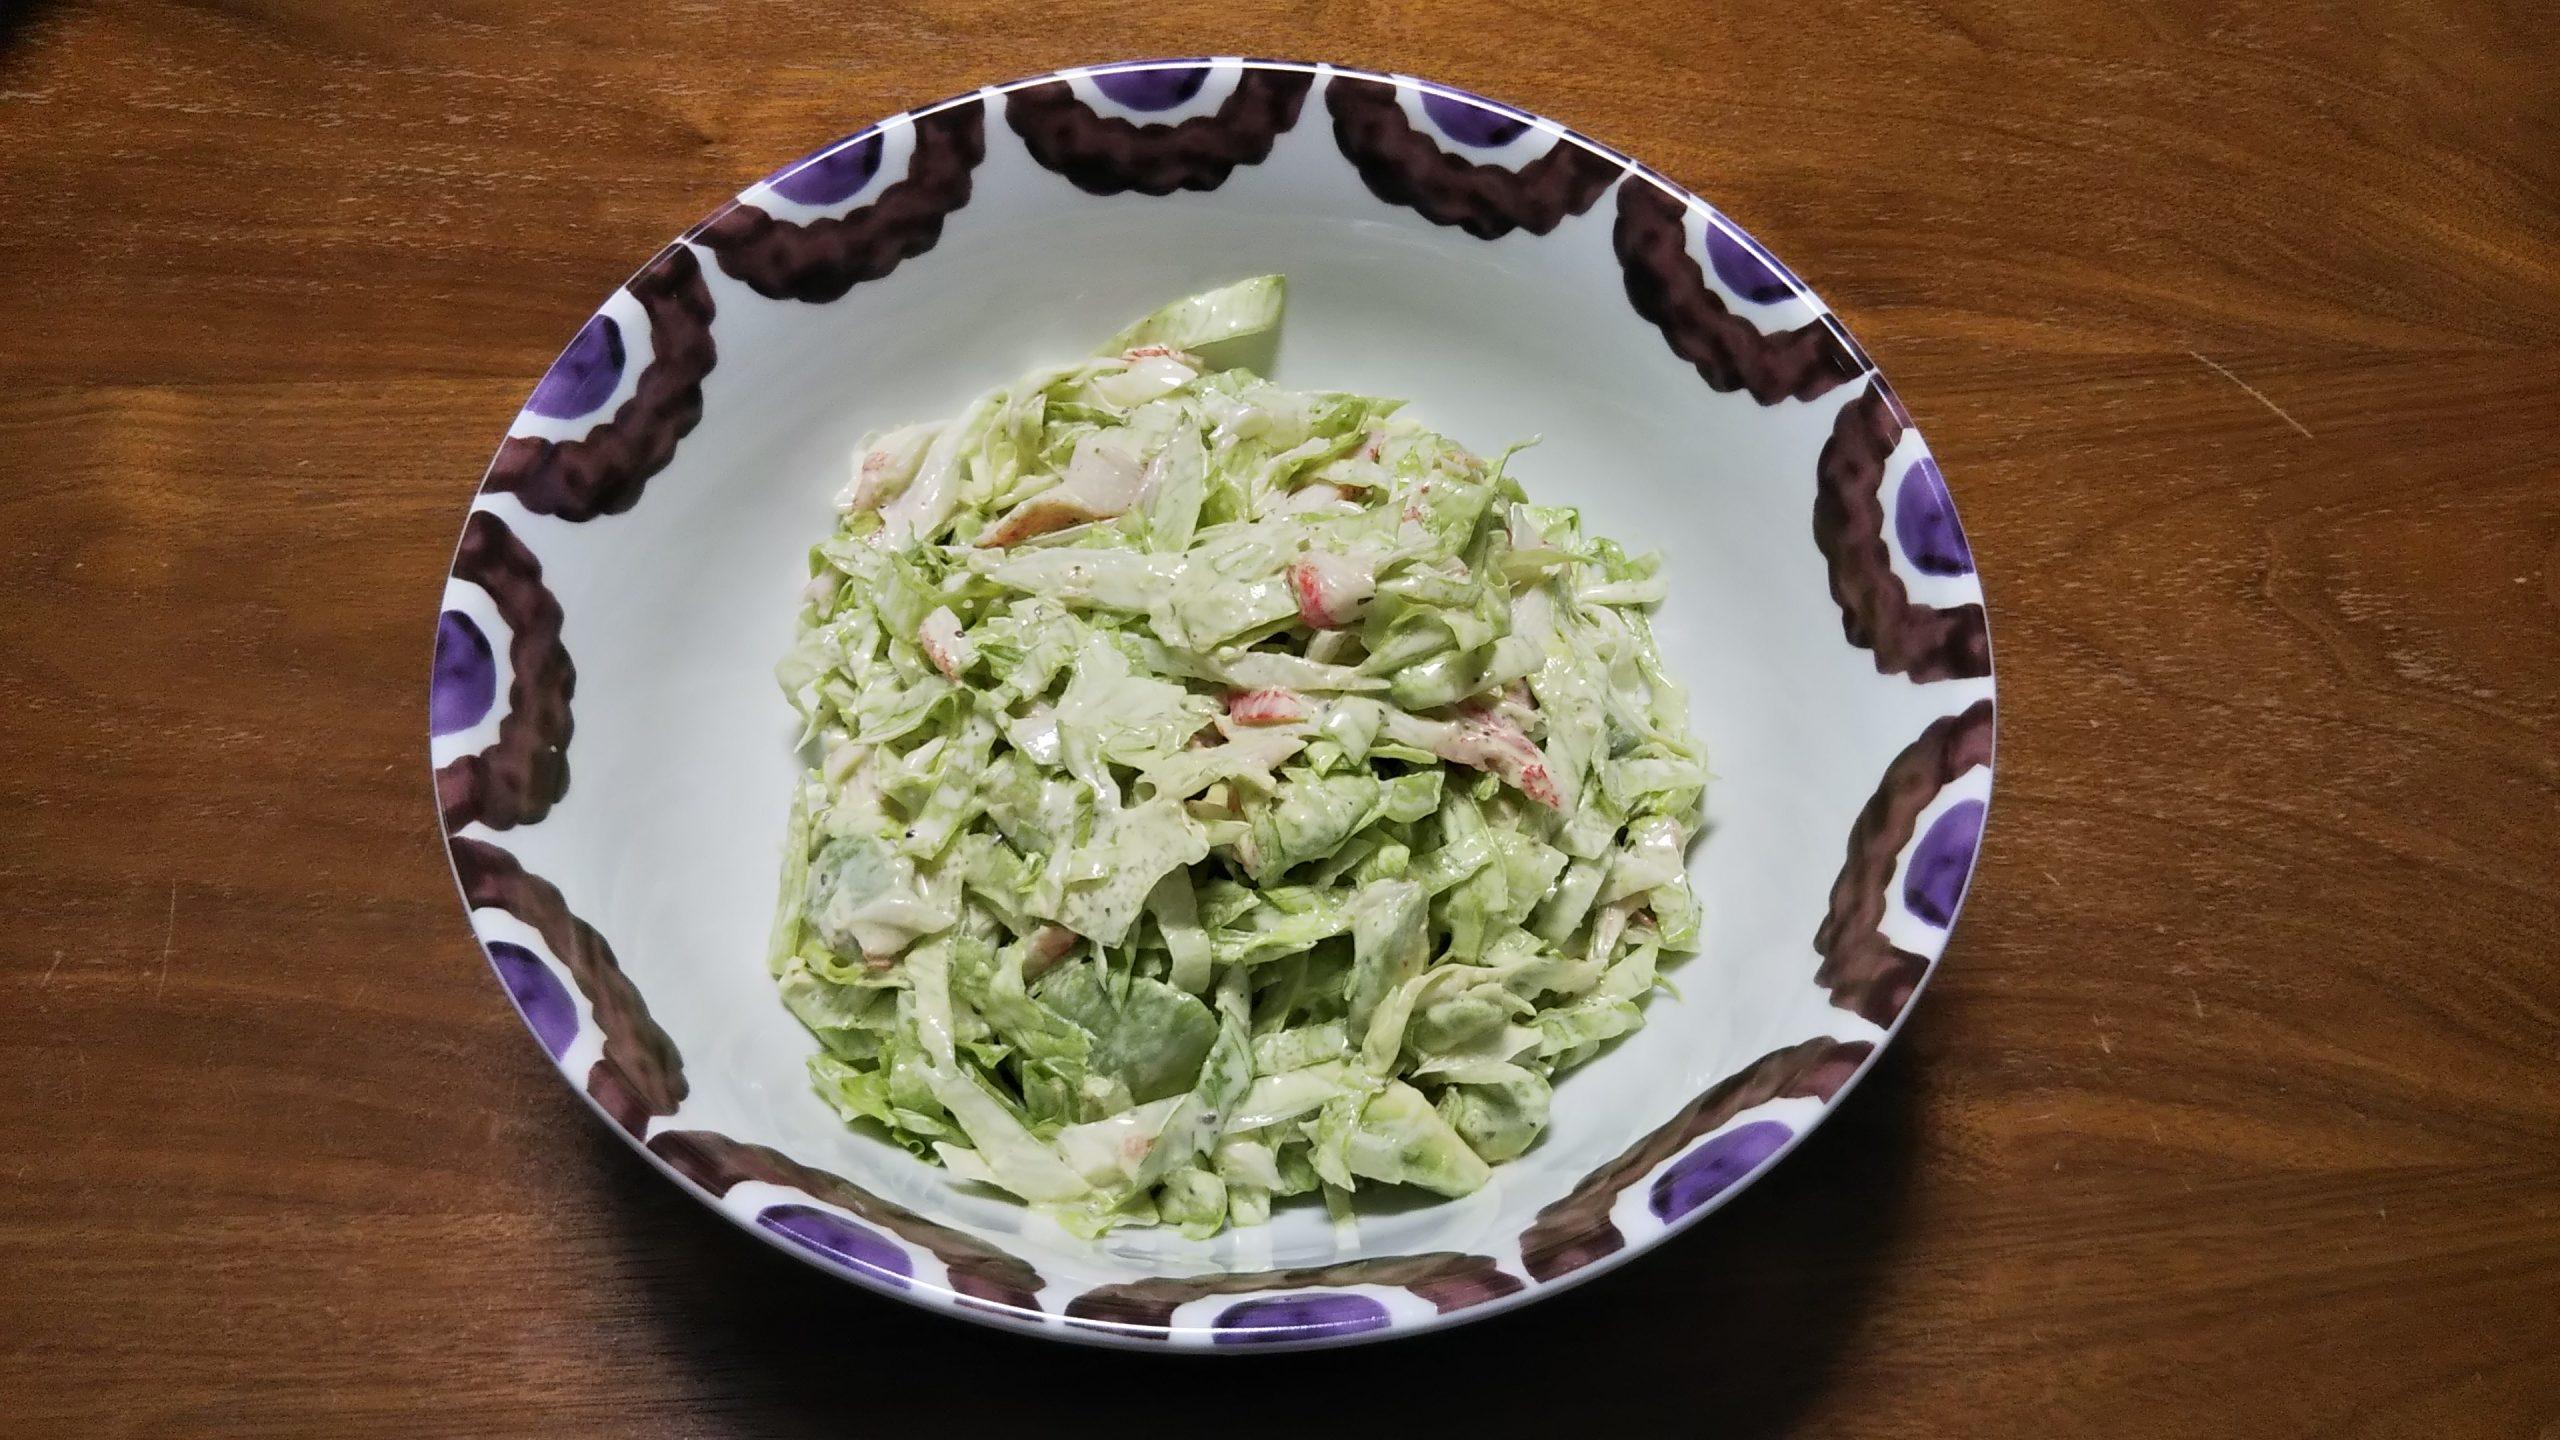 リチャードジノリのボウルとサラダ/Richard Ginori and salad